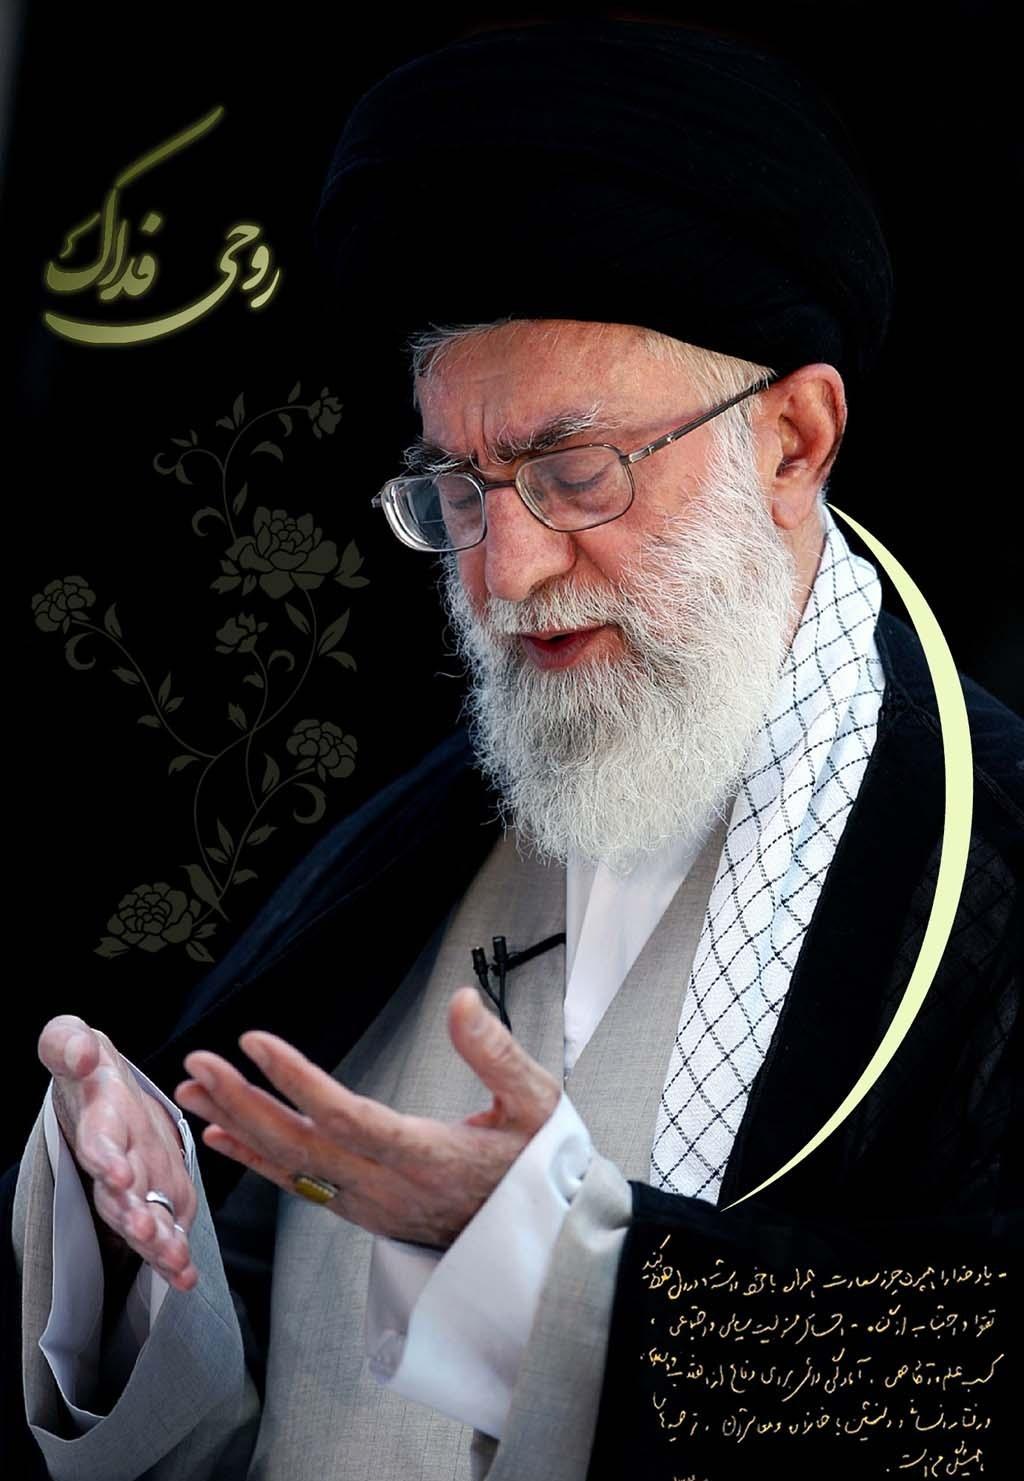 http://s5.picofile.com/file/8107525076/Imam_Khamenei.jpg